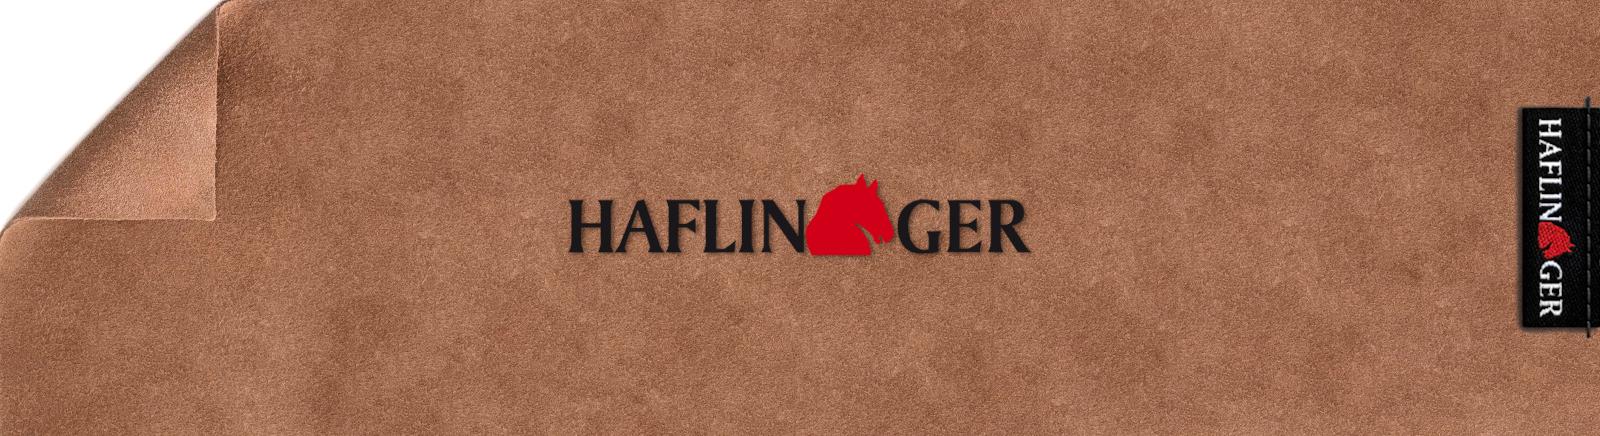 Prange: Haflinger Hausschuhe für Damen online kaufen online shoppen